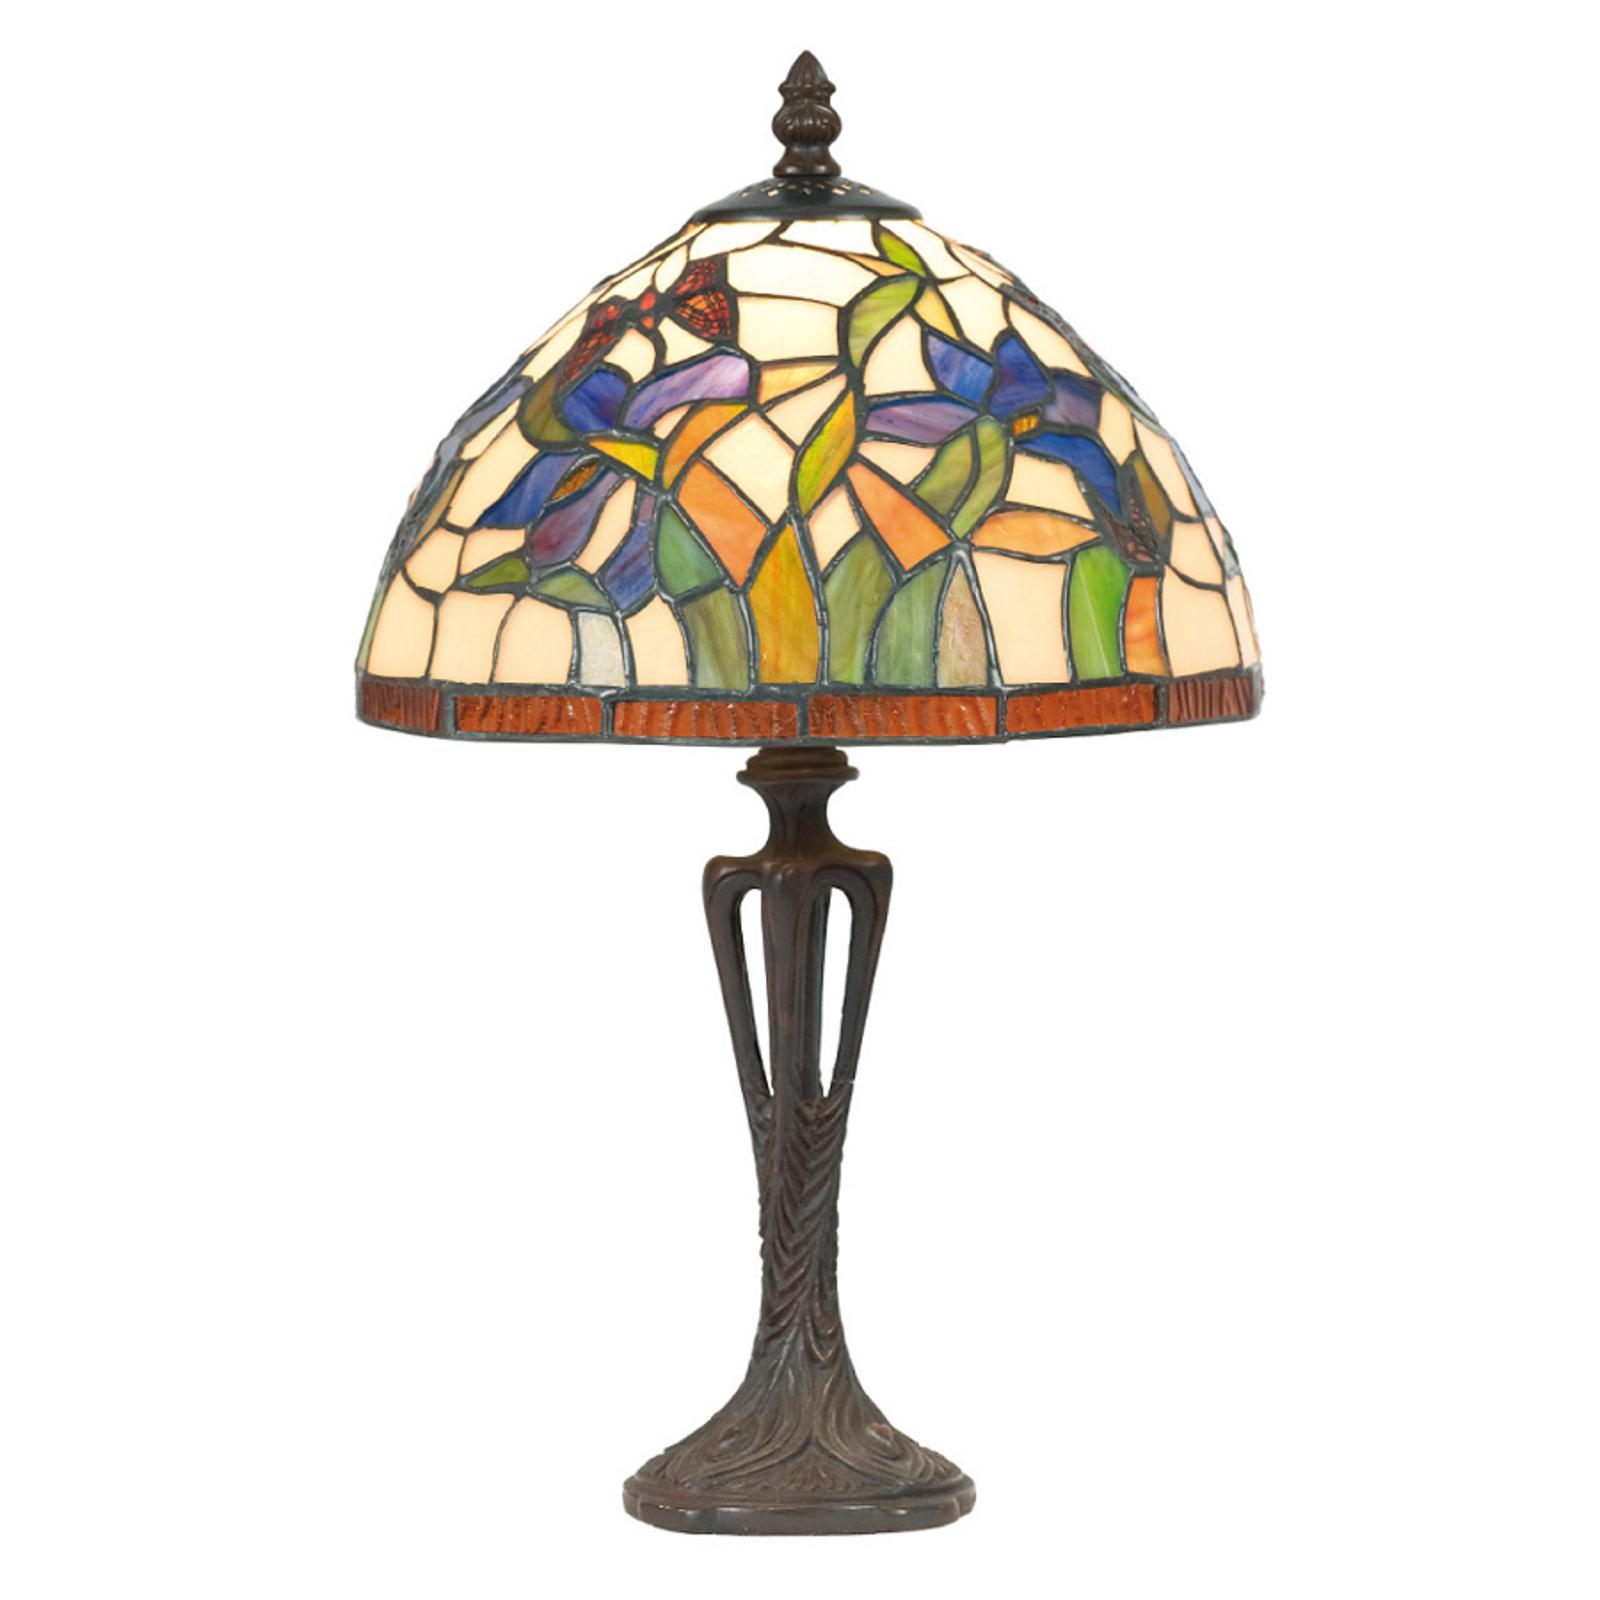 Tafellamp Elanda in Tiffany-stijl, 40 cm